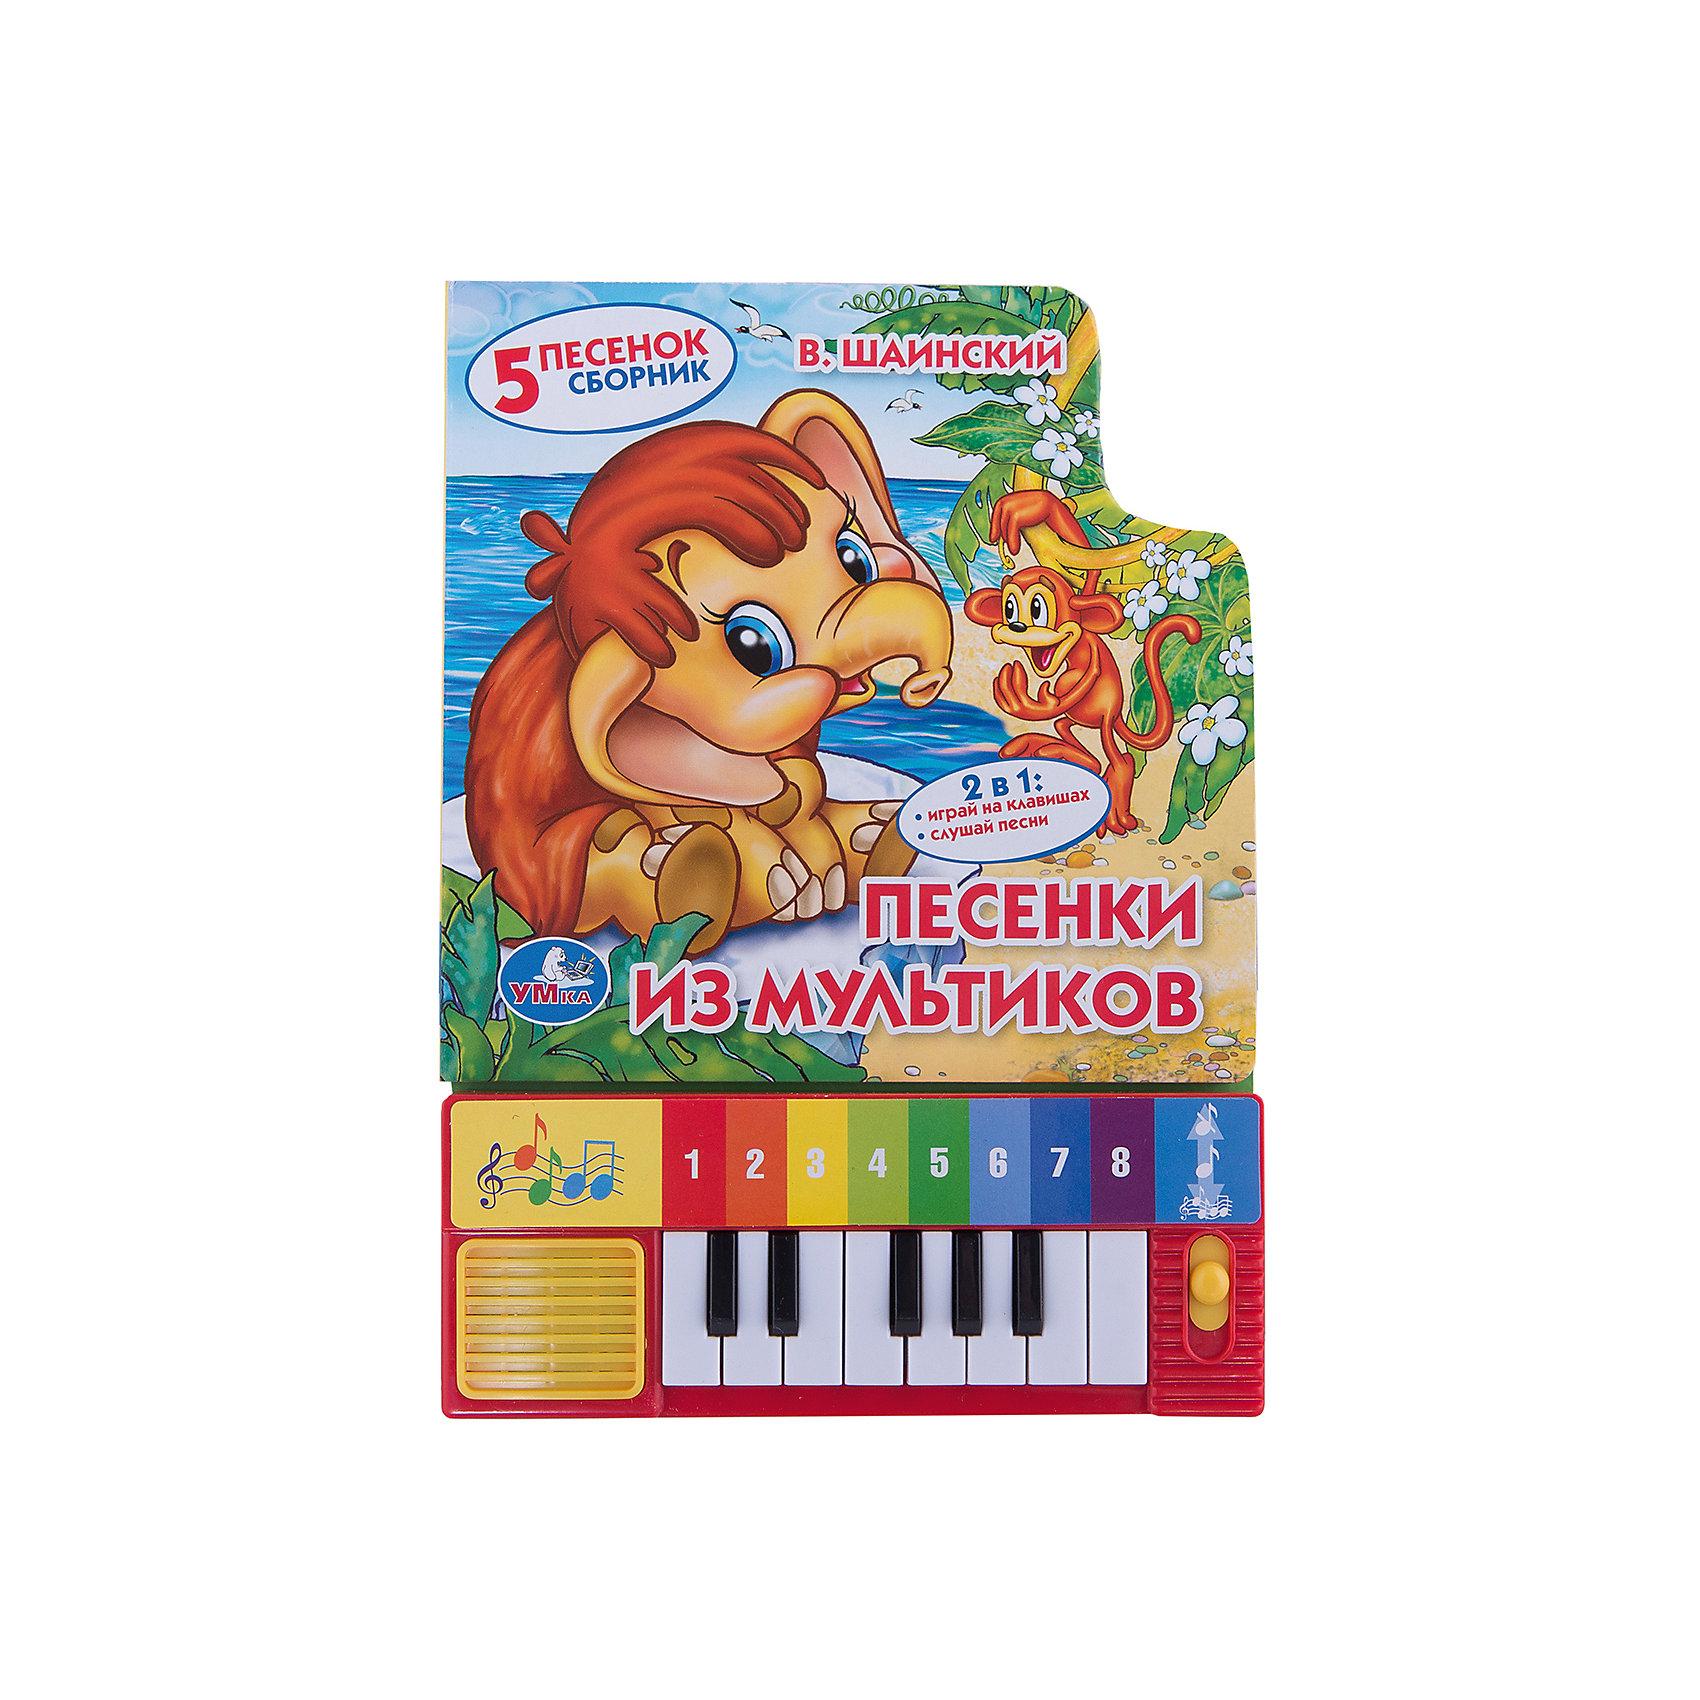 Книга-пианино Песенки из мультиковМузыкальные книги<br>Книга - пианино обязательно понравится малышам. Кроха сможет попробовать проиграть мелодию сам, развивая при этом мелкую моторику и звуковое восприятие, или же послушать веселые песенки из любимых мультфильмов. Книга оформлена яркими иллюстрациями с изображениями любимых героев, имеет плотные картонные страницы, которые удобно переворачивать даже самым юным читателям! <br><br>Дополнительная информация:<br><br>- Композитор: В. Шаинский. <br>- Формат: 14х20 см.<br>- Переплет: картон.<br>- Количество страниц: 10.<br>- Иллюстрации: цветные.<br> <br>Книгу-пианино Песенки из мультиков можно купить в нашем магазине.<br><br>Ширина мм: 150<br>Глубина мм: 200<br>Высота мм: 20<br>Вес г: 280<br>Возраст от месяцев: 12<br>Возраст до месяцев: 48<br>Пол: Унисекс<br>Возраст: Детский<br>SKU: 4444320